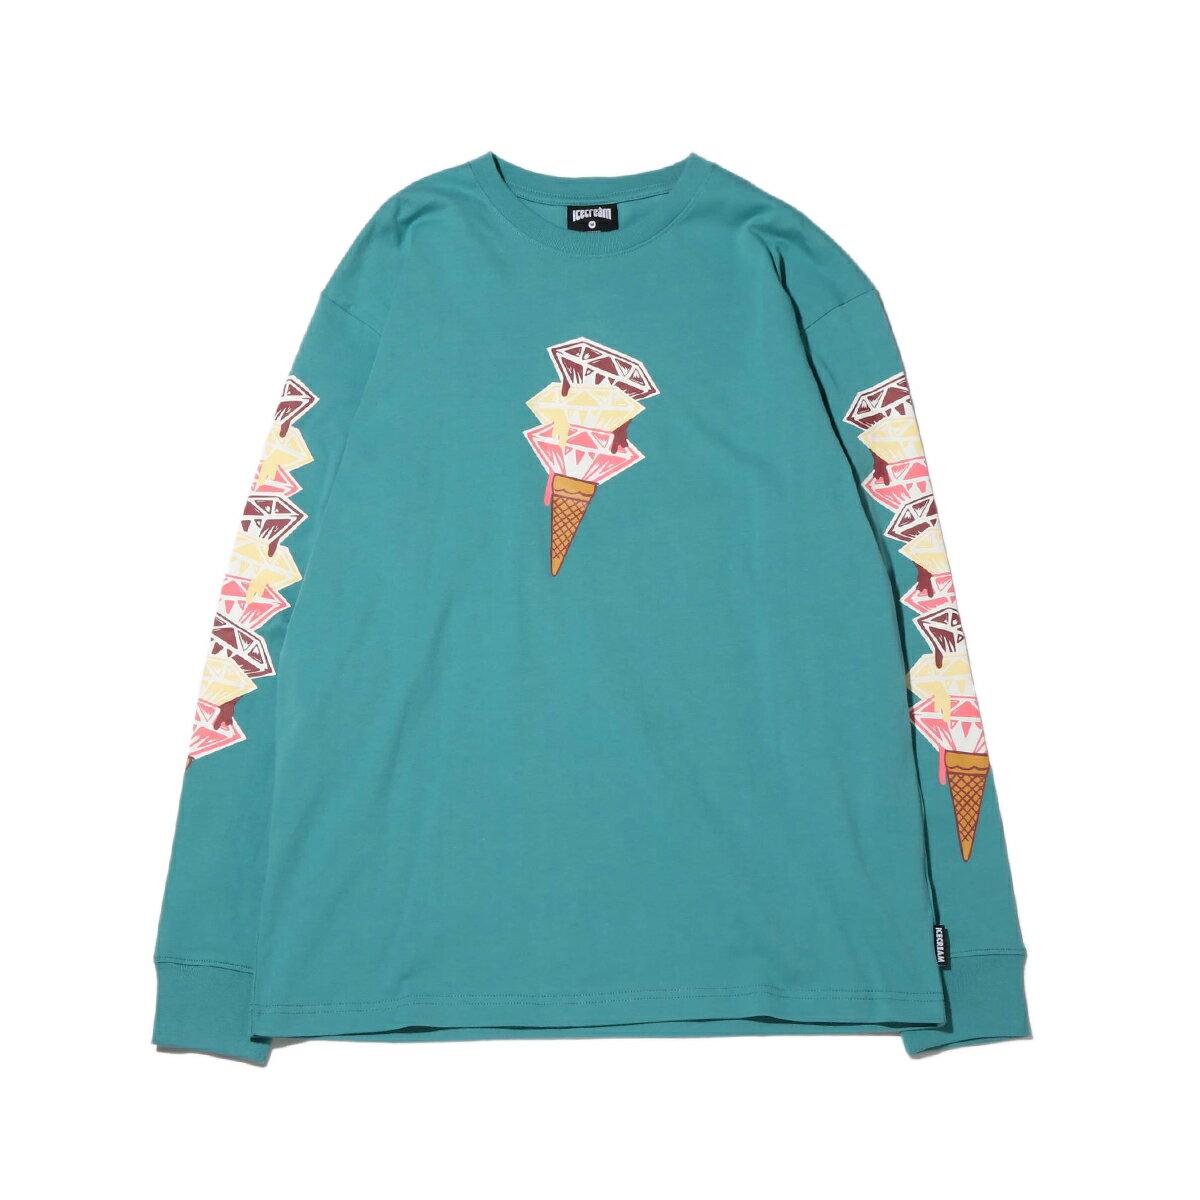 トップス, Tシャツ・カットソー BILLIONAIRE BOYS CLUB LASEK LS T-SHIRT( )BLUE T20SS-I